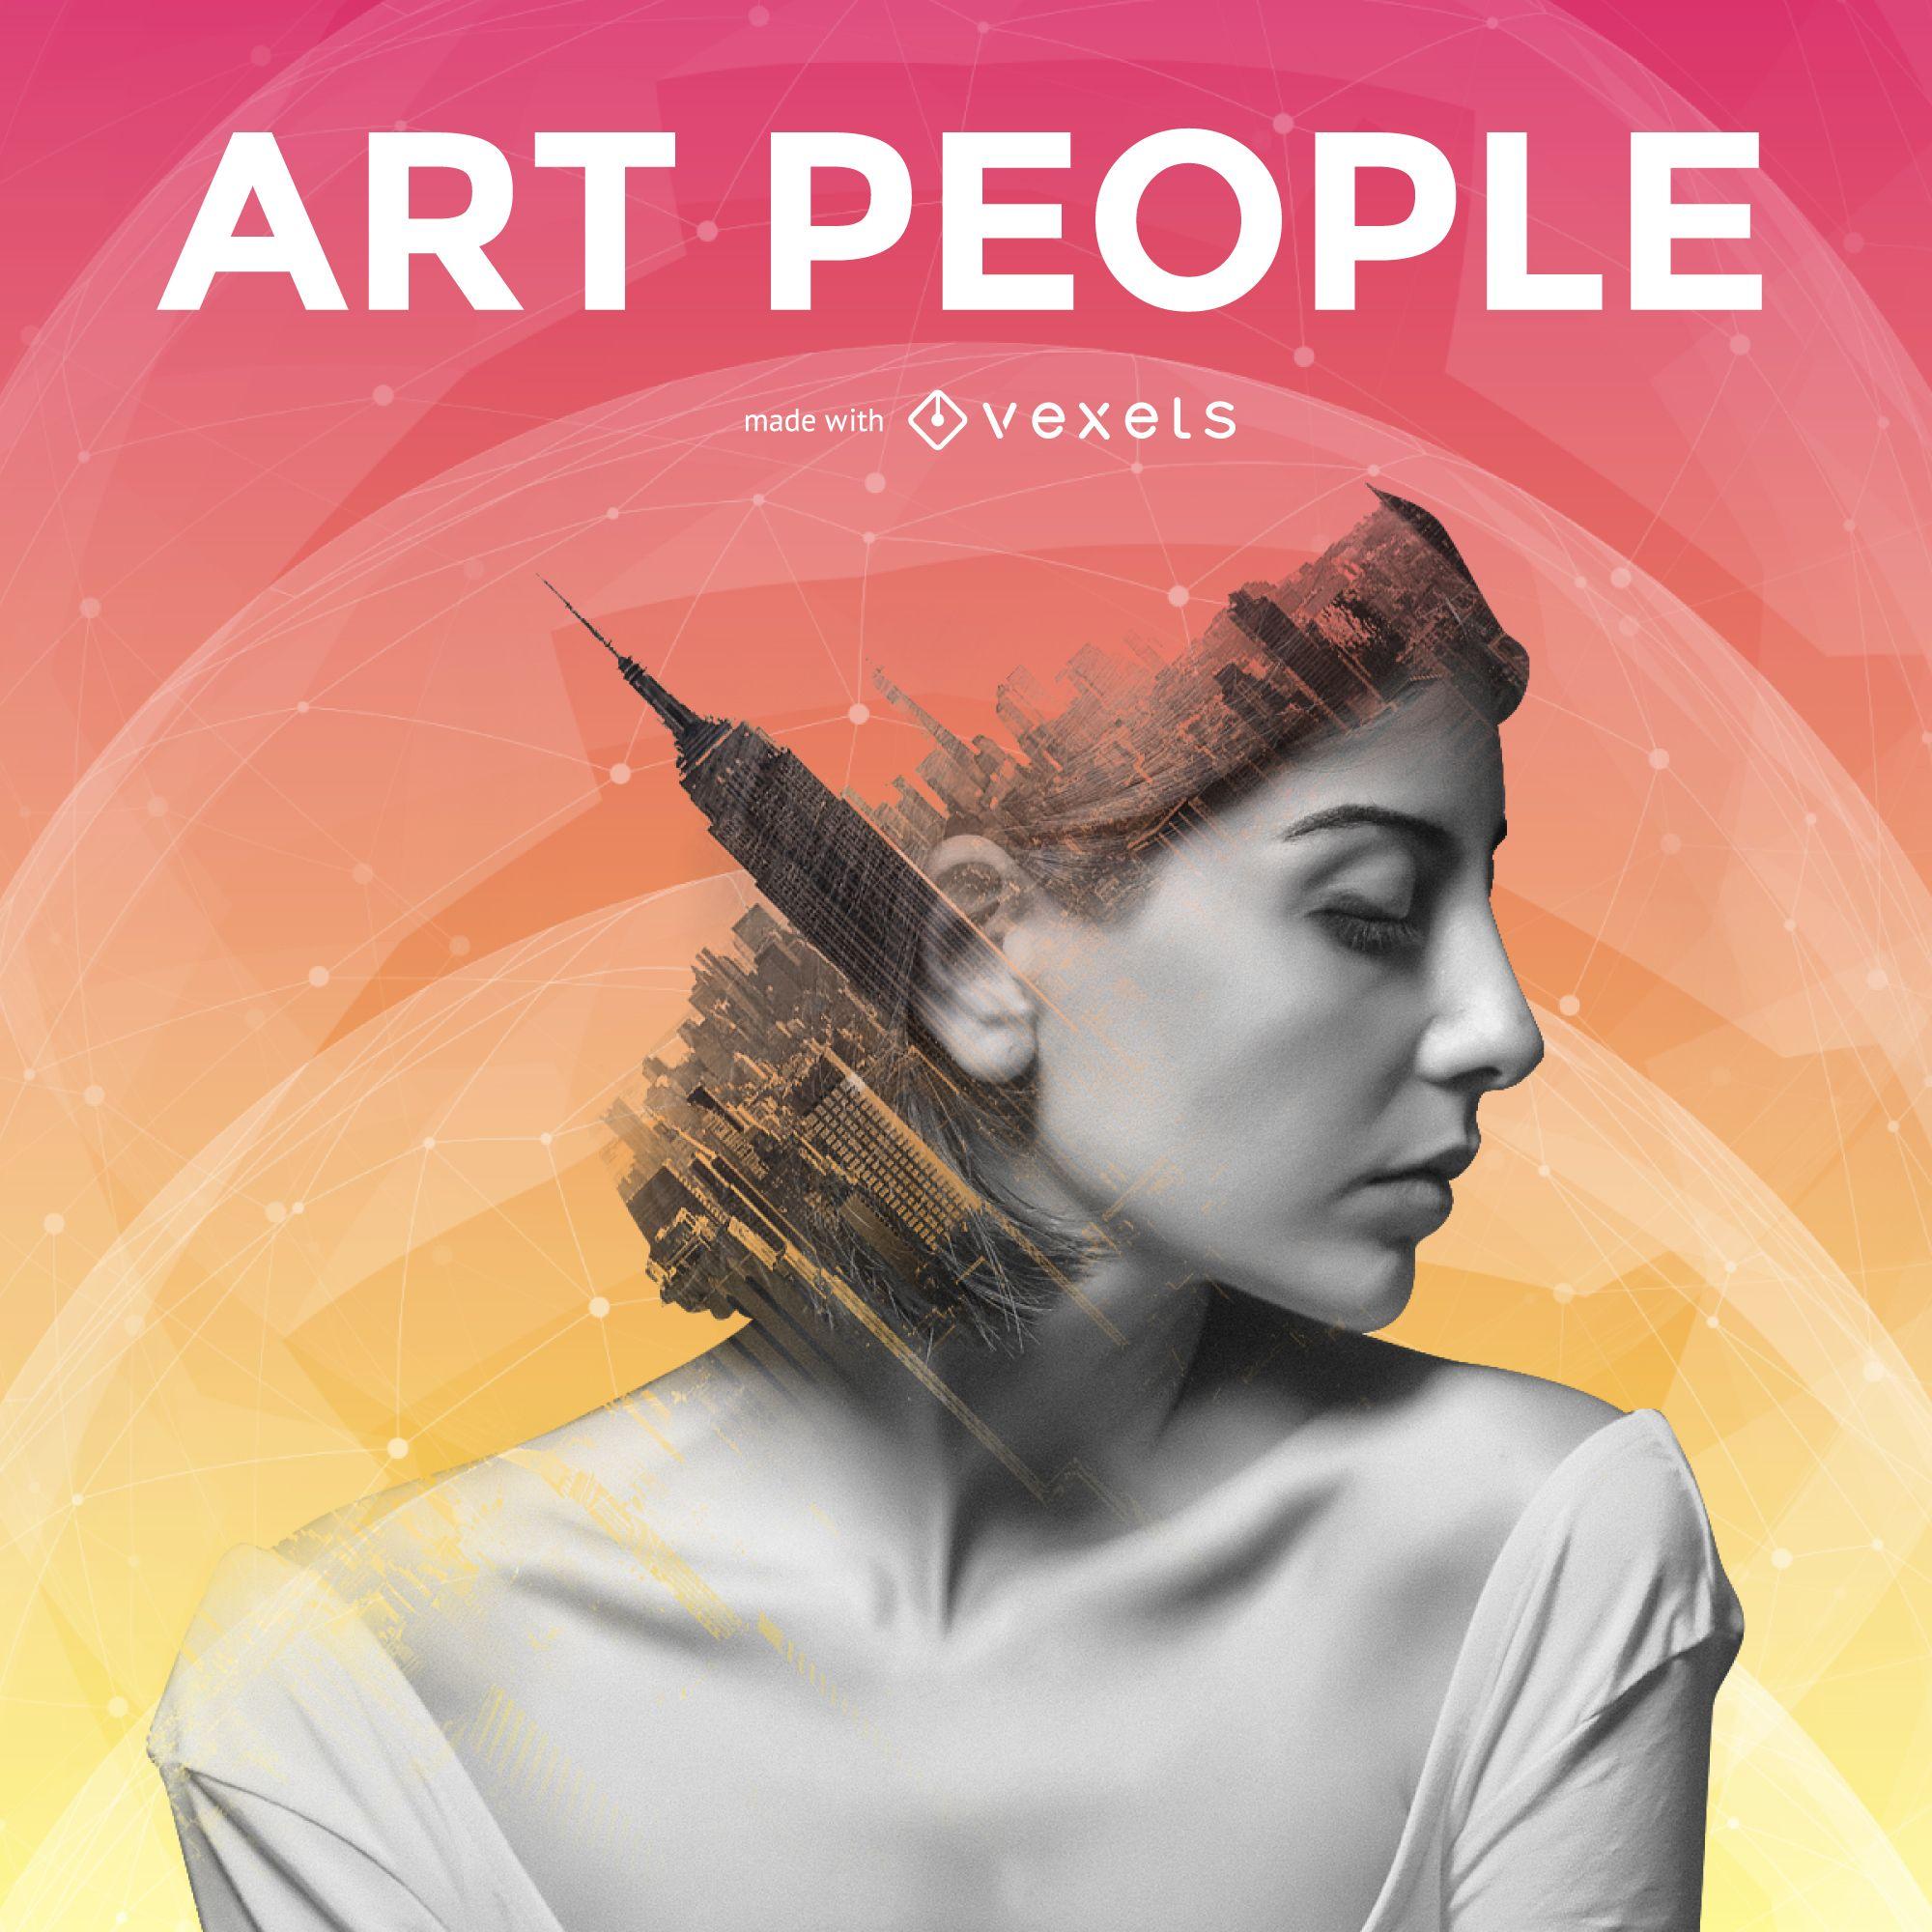 Artistic poster generator